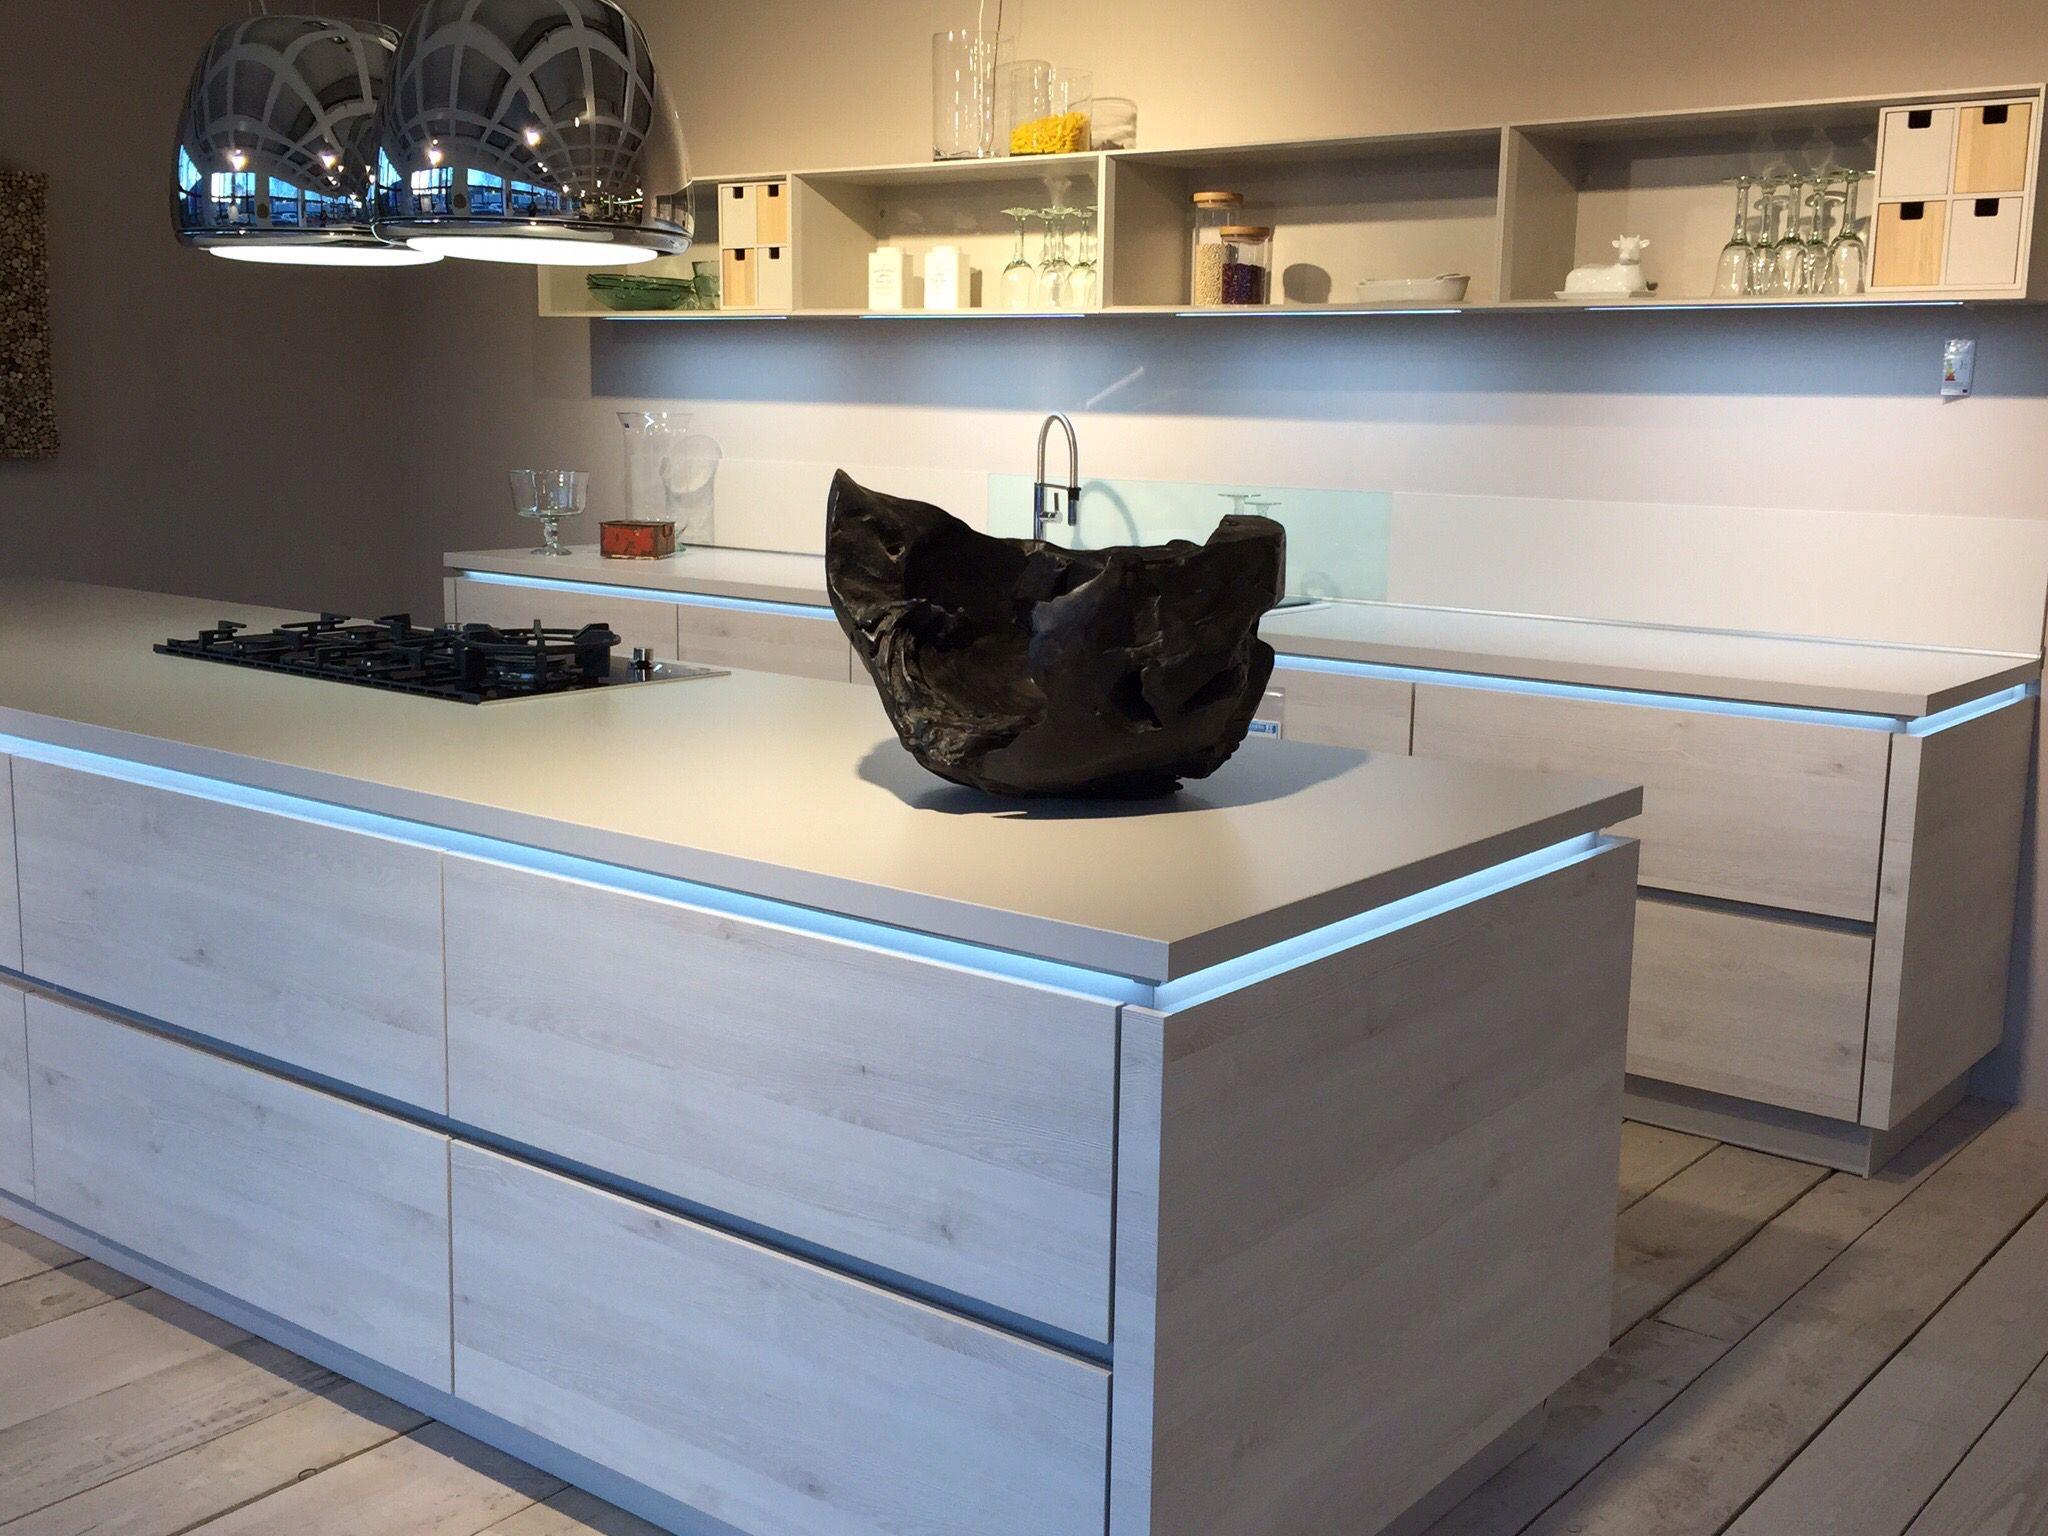 Moderne Küche In Holzoptik Mit Pfiffigen Details...wie Gefallen Euch Zum  Beispiel Die